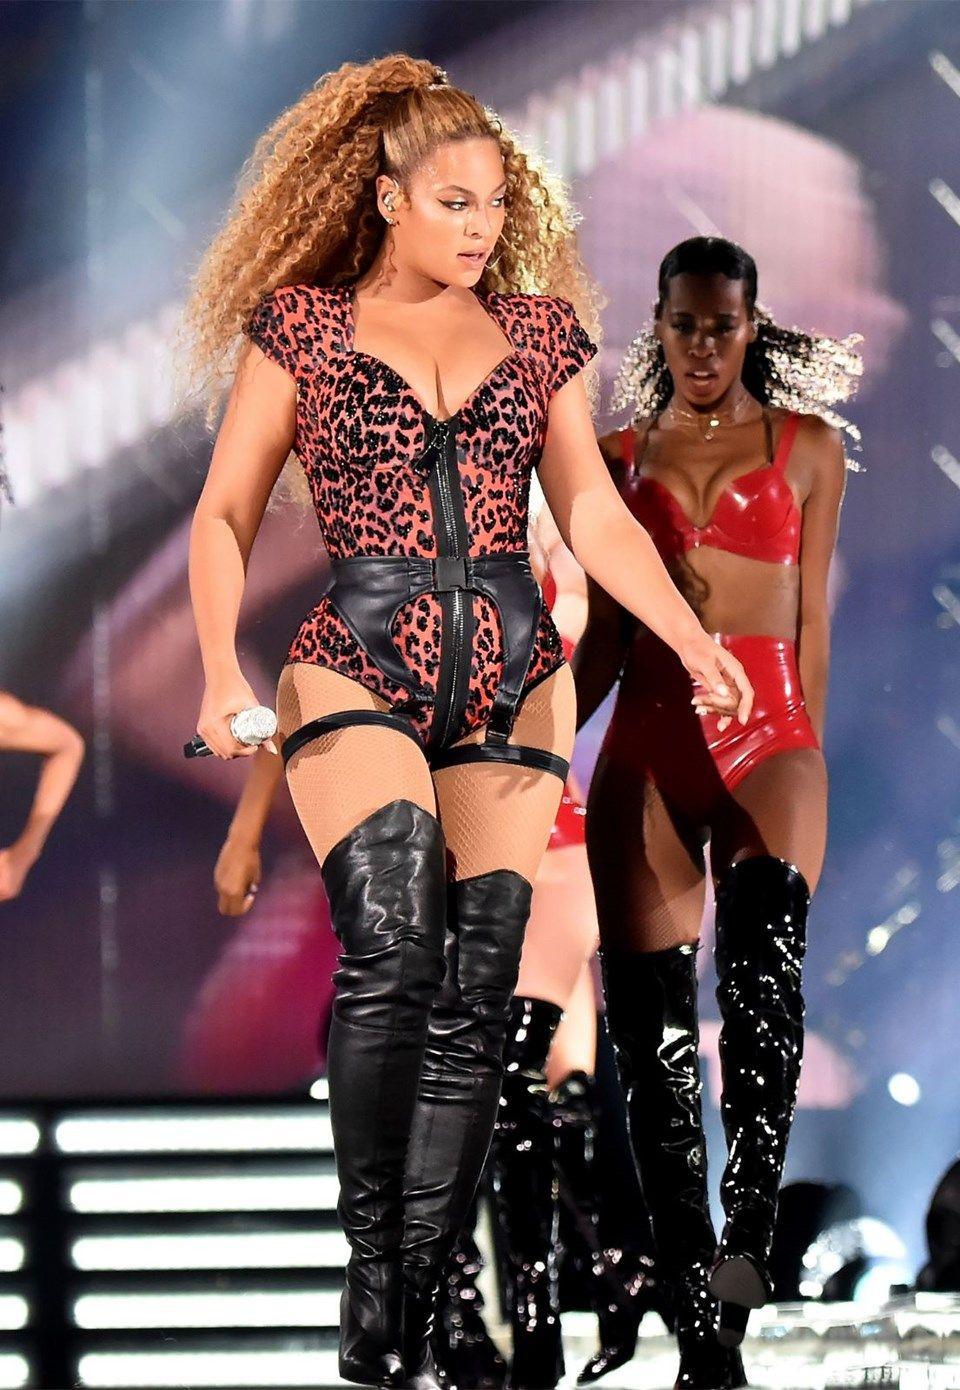 Beyonce 26 milyon dolara yazlık aldı - Sayfa 4